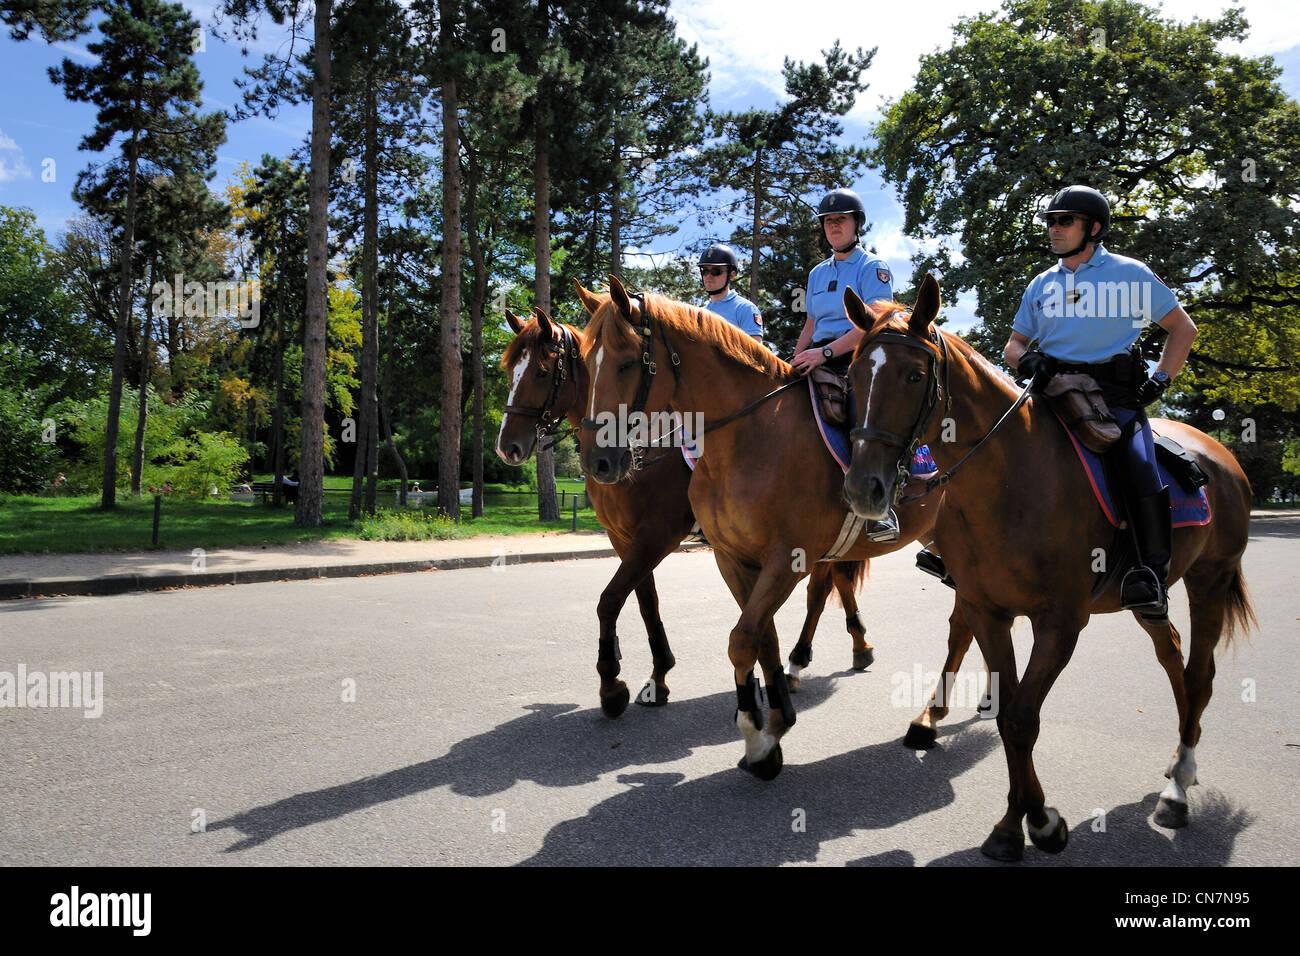 France, Paris, Republican Guardmen patrolling on horseback in the Bois de Boulogne - Stock Image